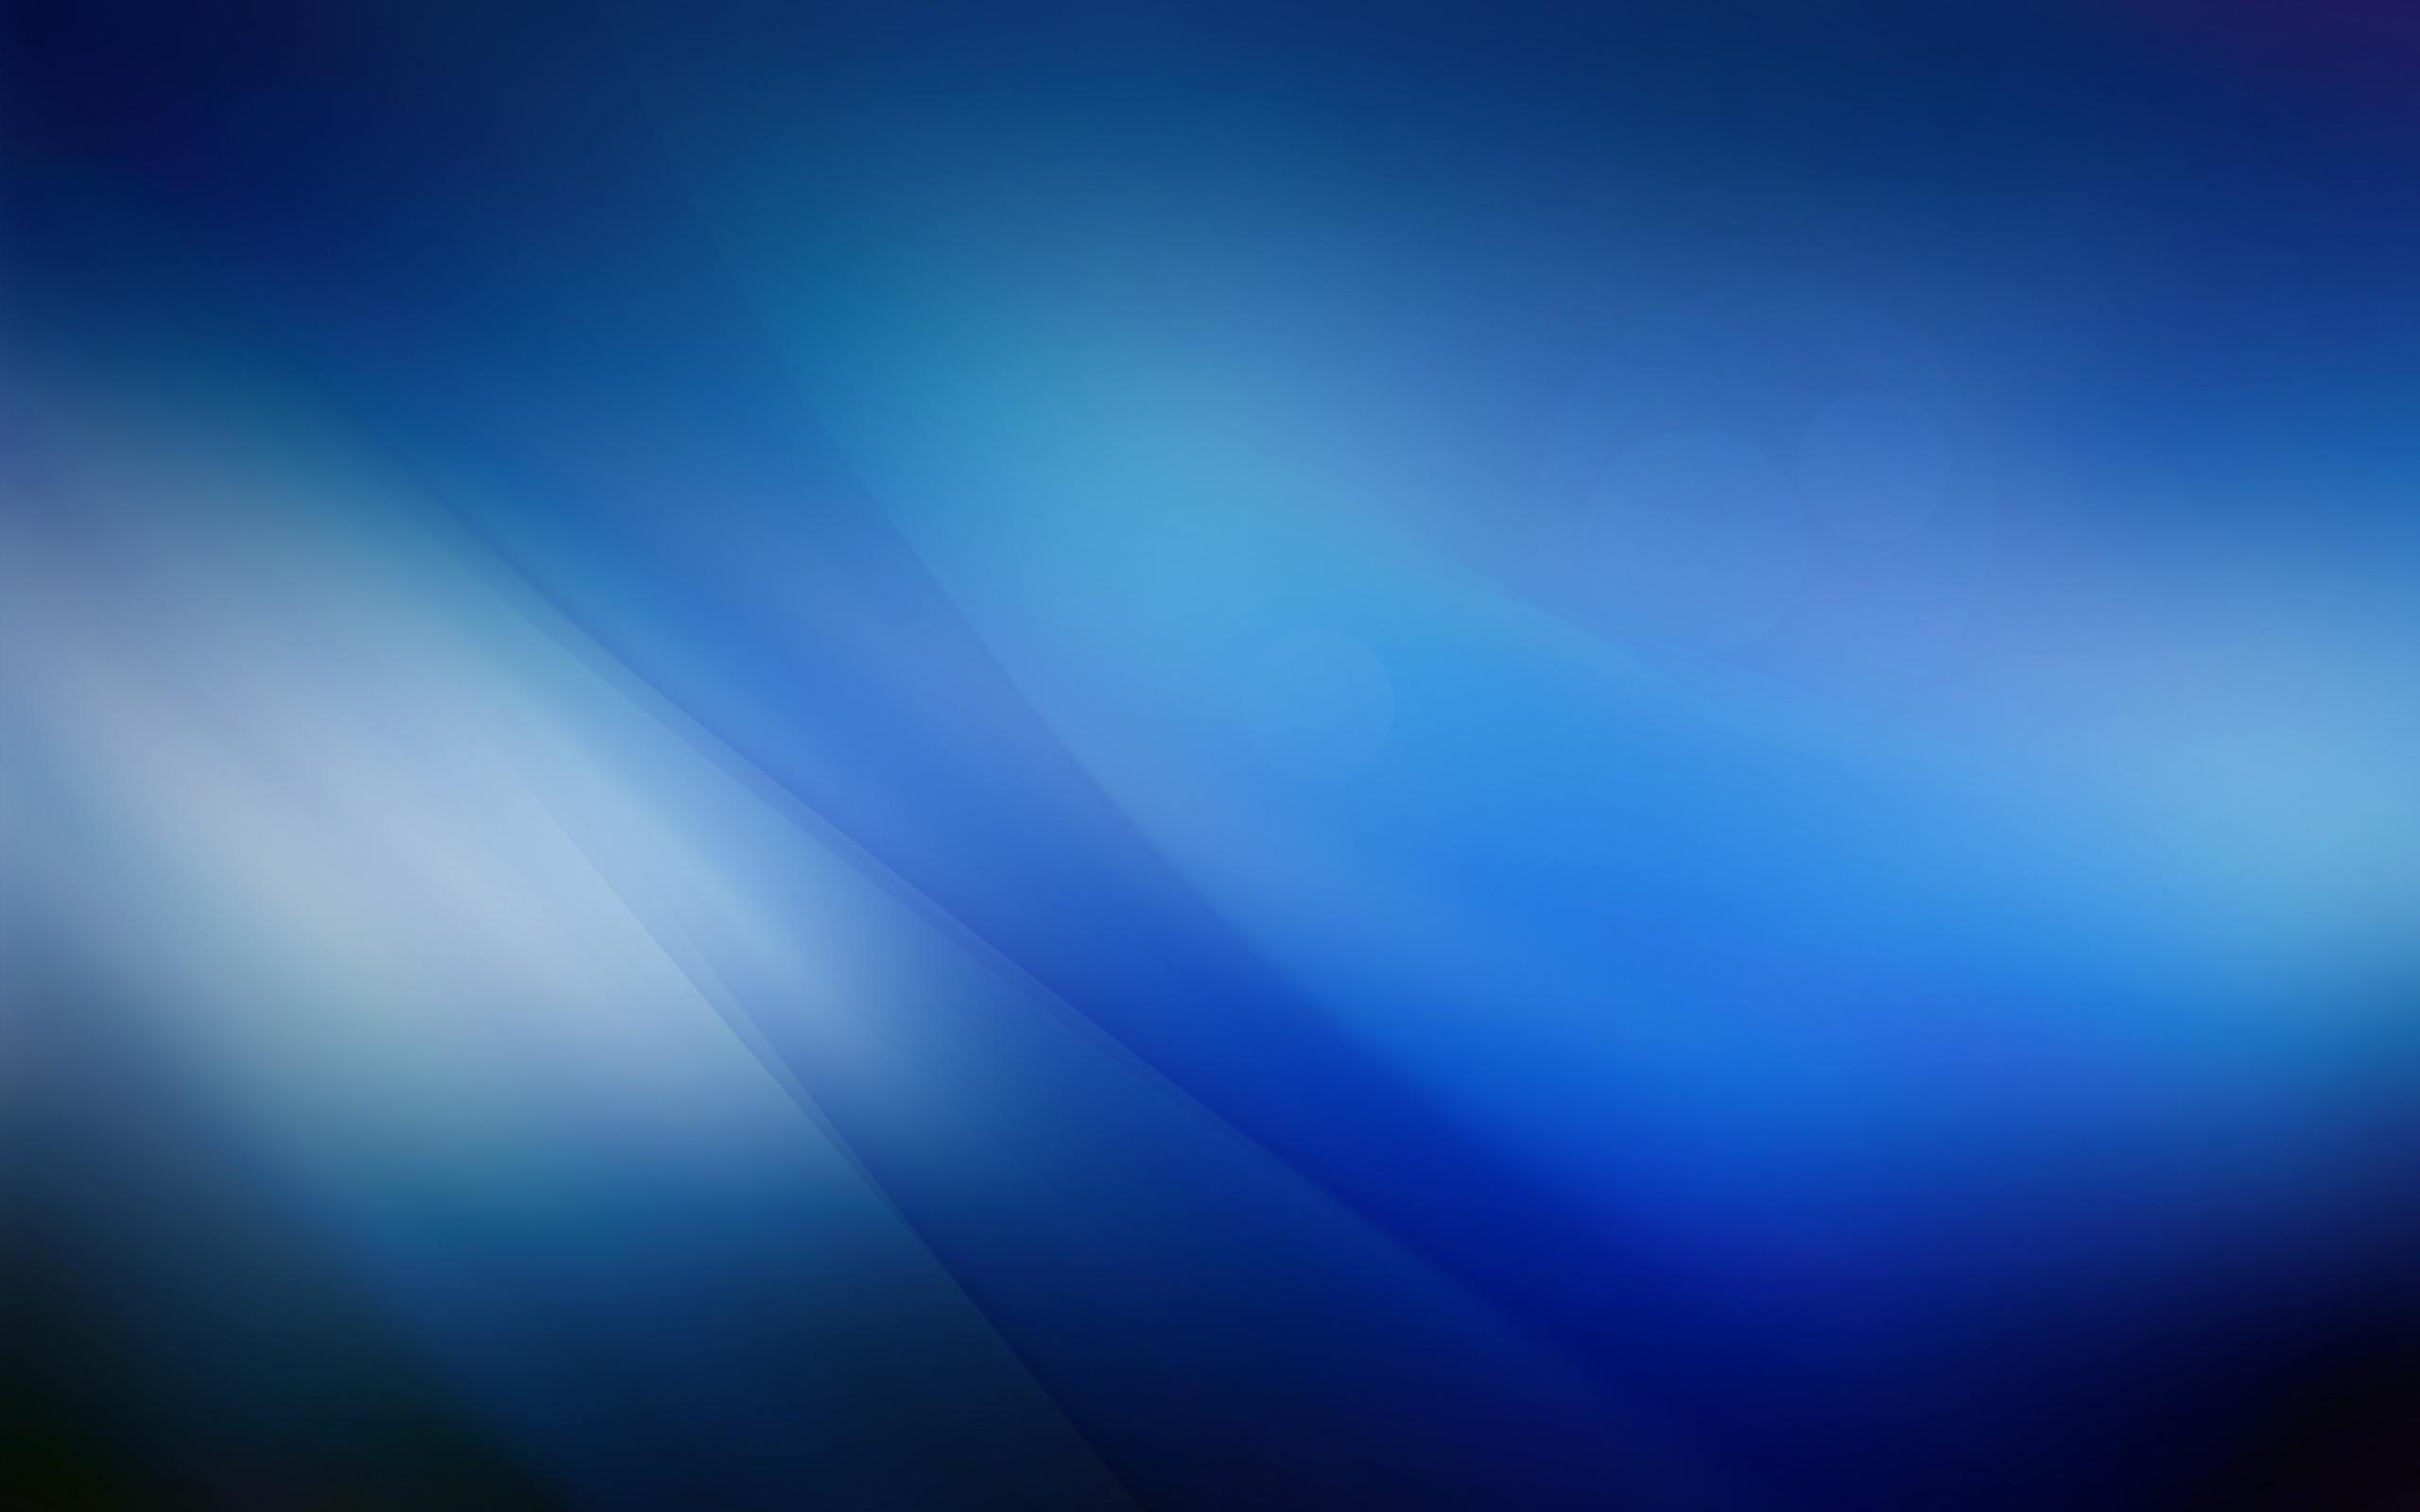 9484 скачать Синие обои на телефон бесплатно, Фон Синие картинки и заставки на мобильный